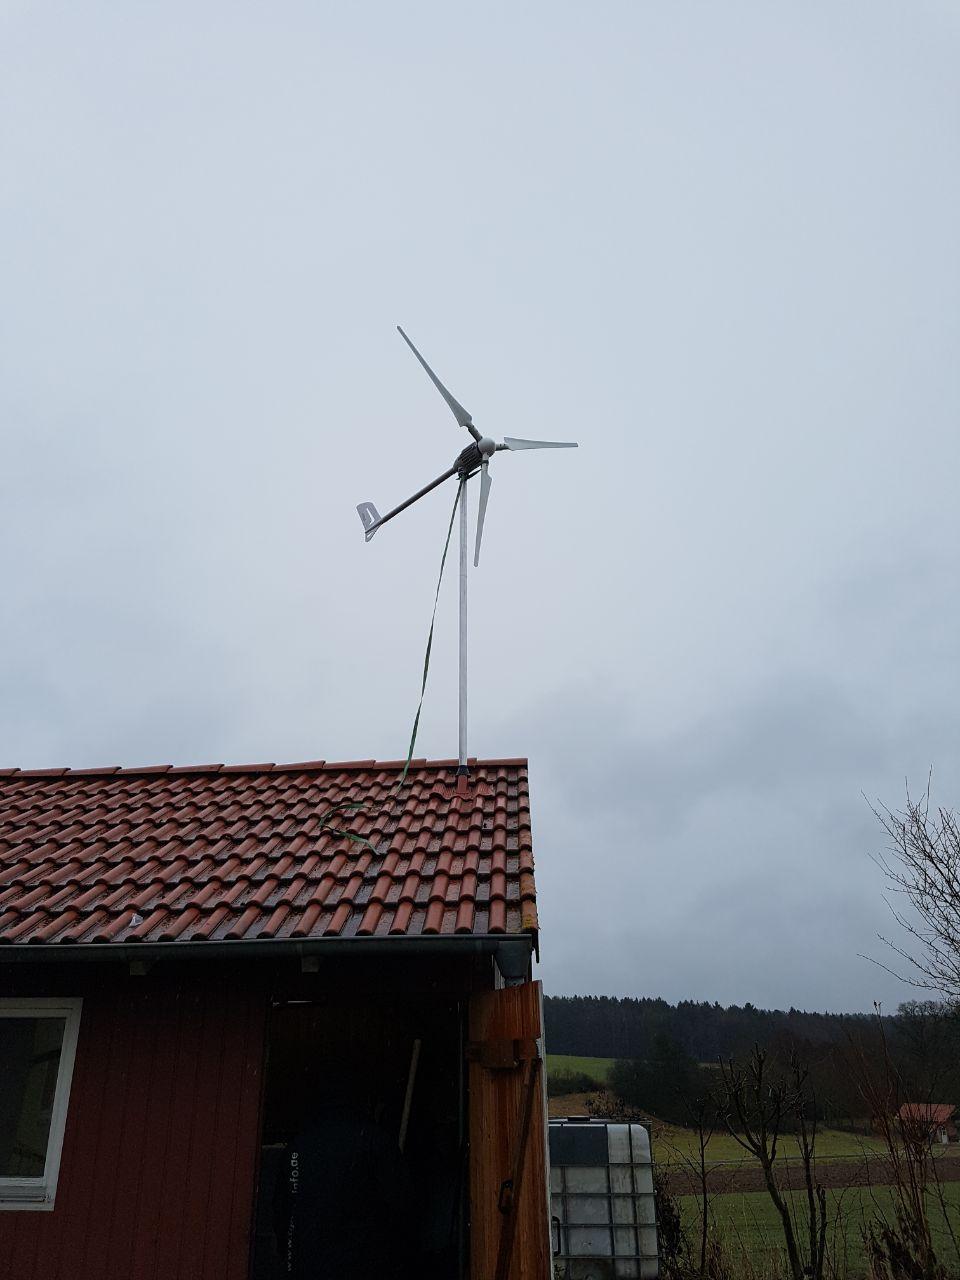 Windanlage auf dem Dach einer Garage